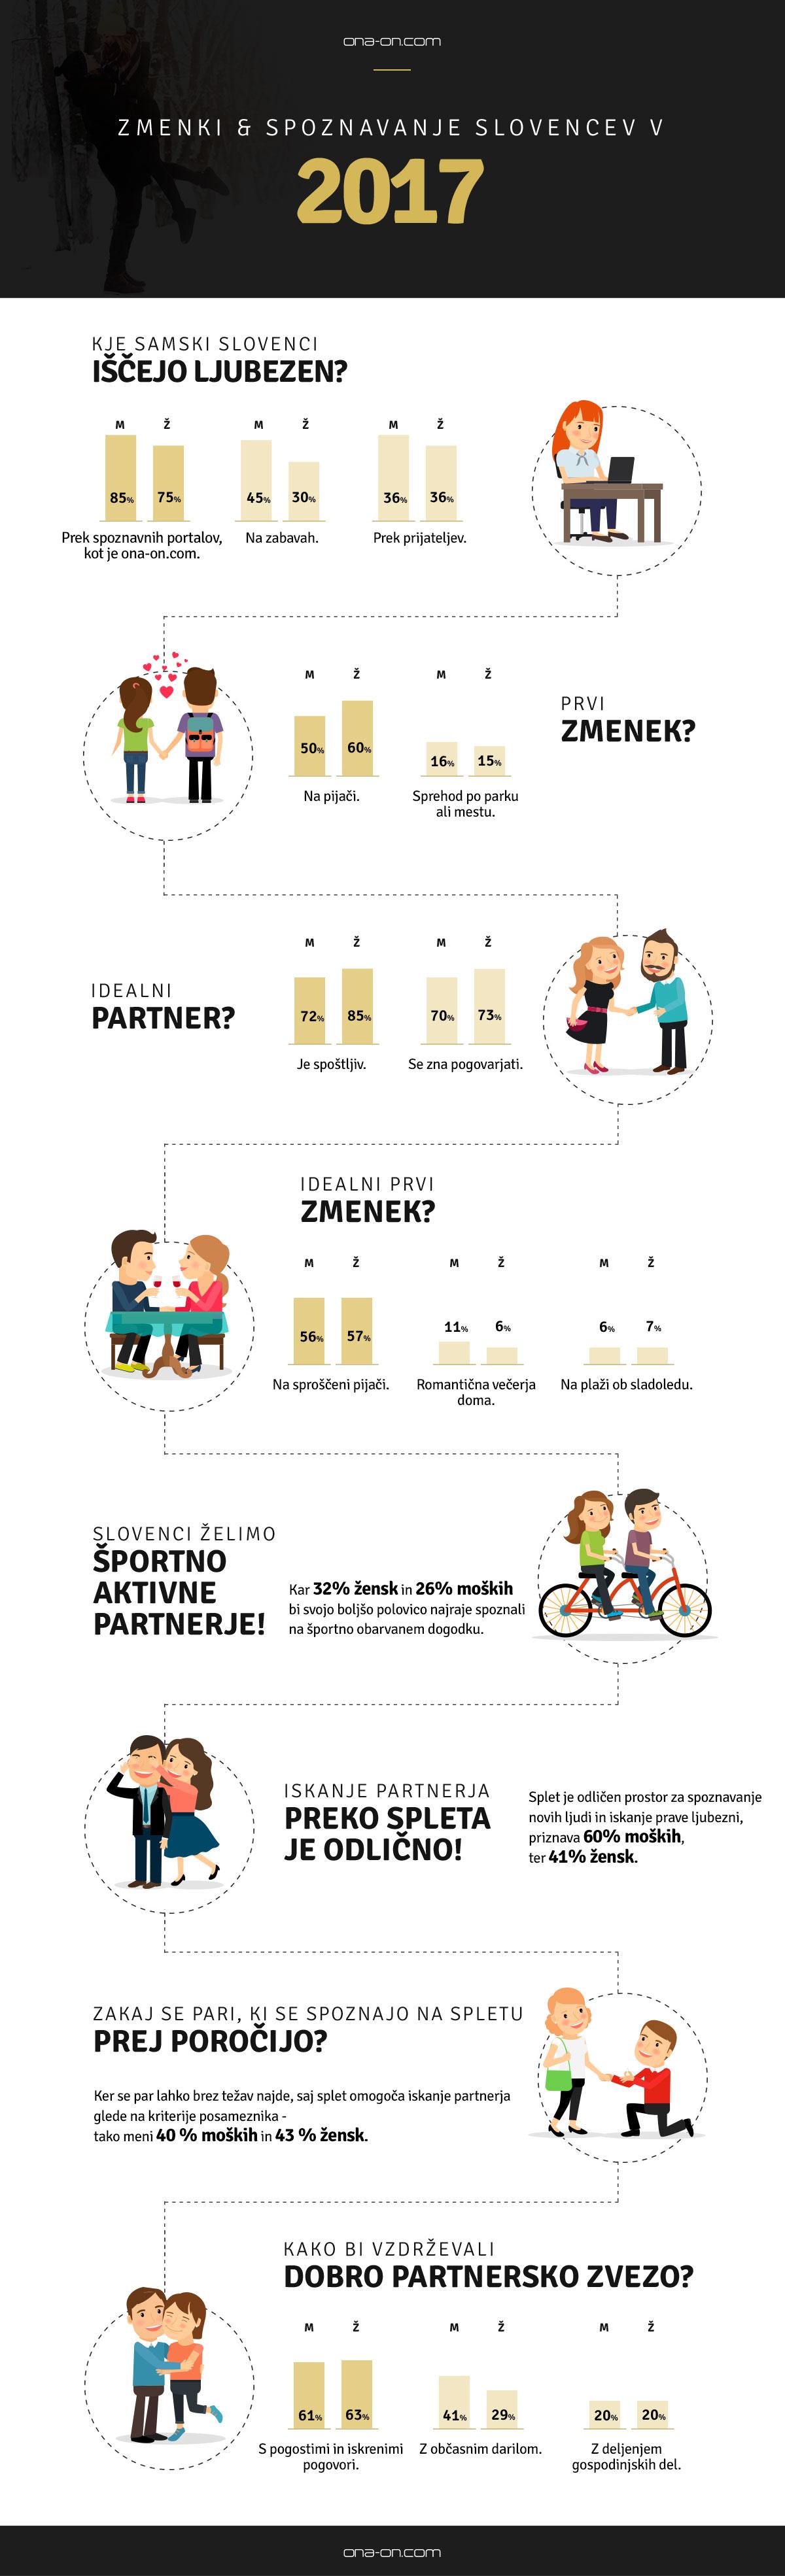 ona-on-zasebni-stiki-resne-zveze-zmenki-anketa-zmenki-spoznavanje-2017-infografika